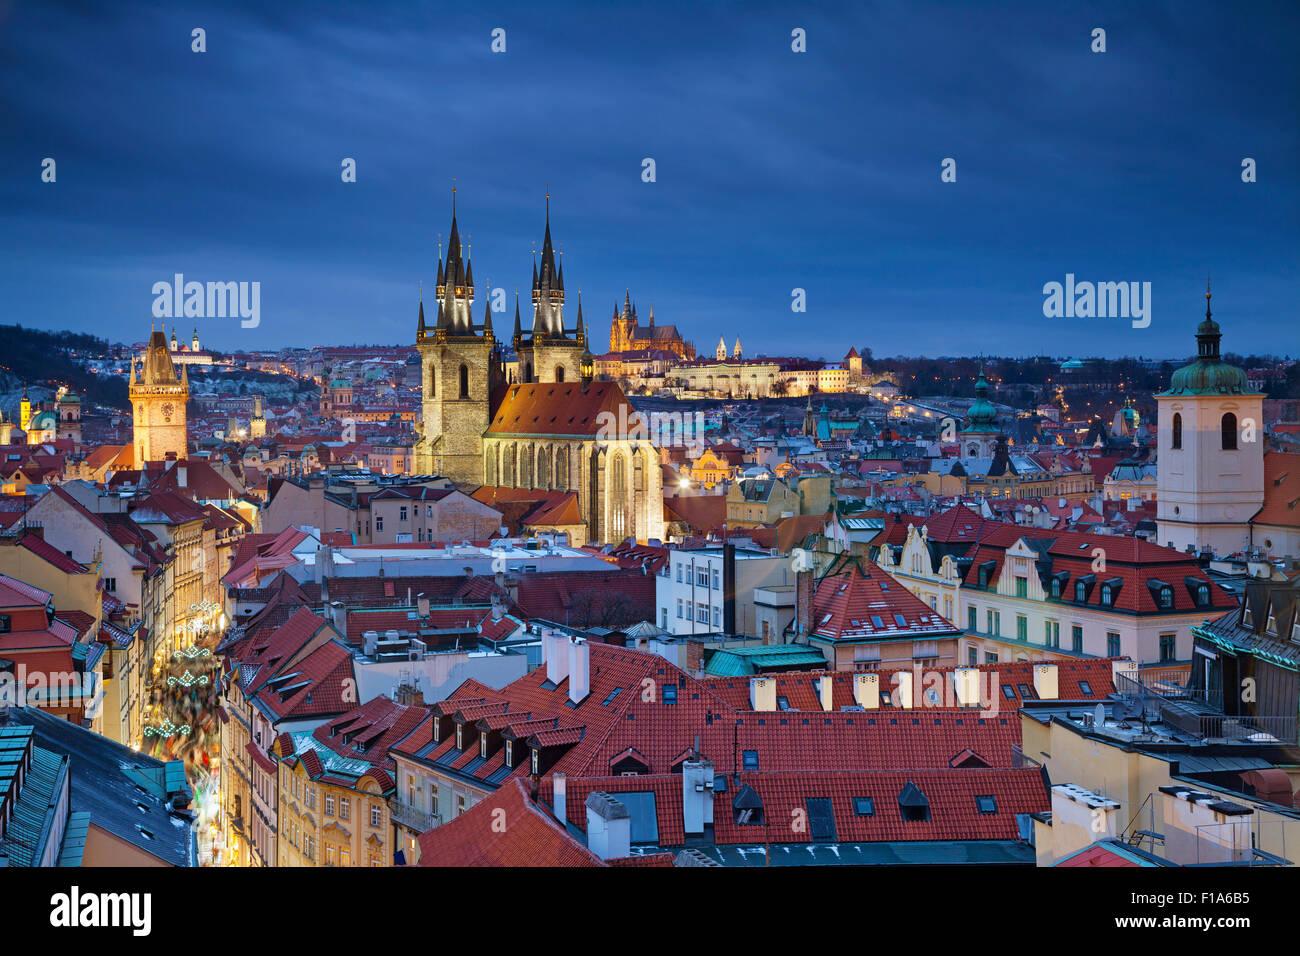 Prag. Bild von Prag, Hauptstadt Stadt der Tschechischen Republik, während der blauen Dämmerstunde. Stockbild